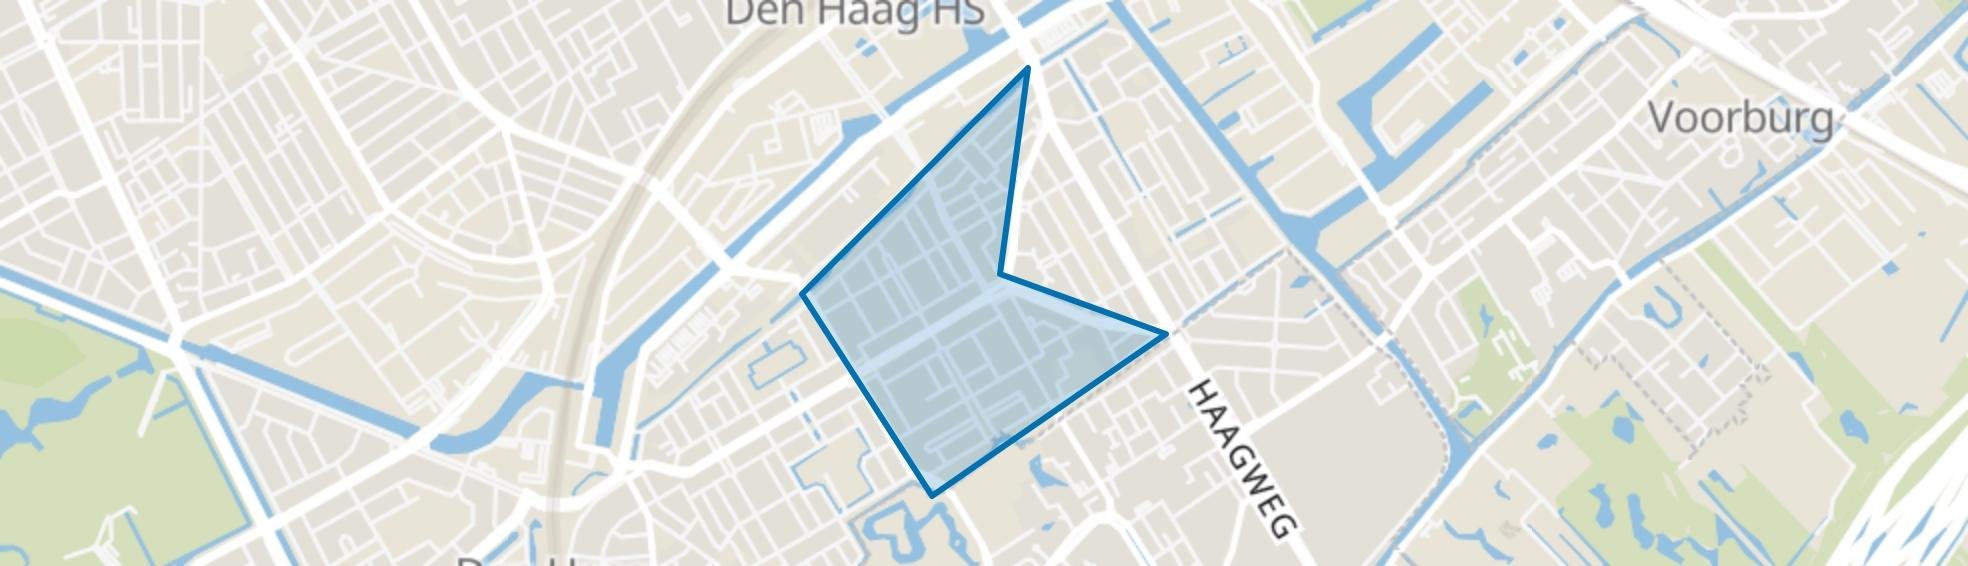 Laakkwartier-Oost, Den Haag map